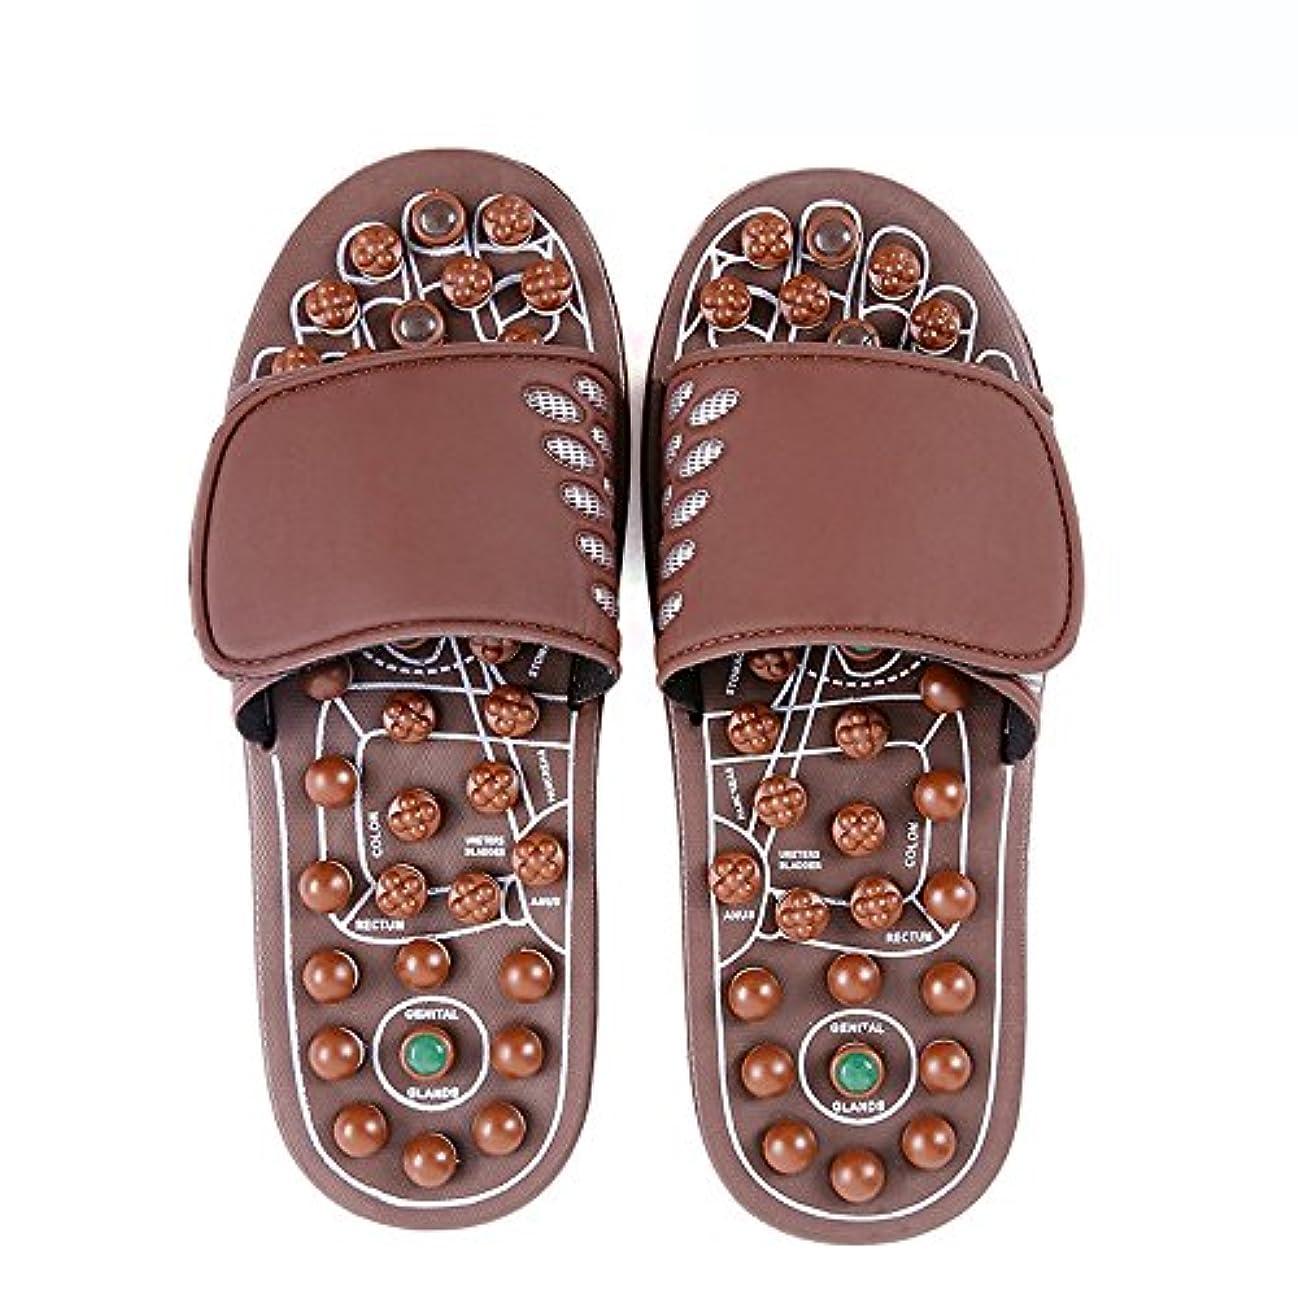 休日に使用法無し快適 ジェイドマッサージスリッパ女性の足指圧ホームシューズ滑り止めスリッパ屋内マッサージシューズ(オプションのサイズ) 増加した (サイズ さいず : L(43-46))